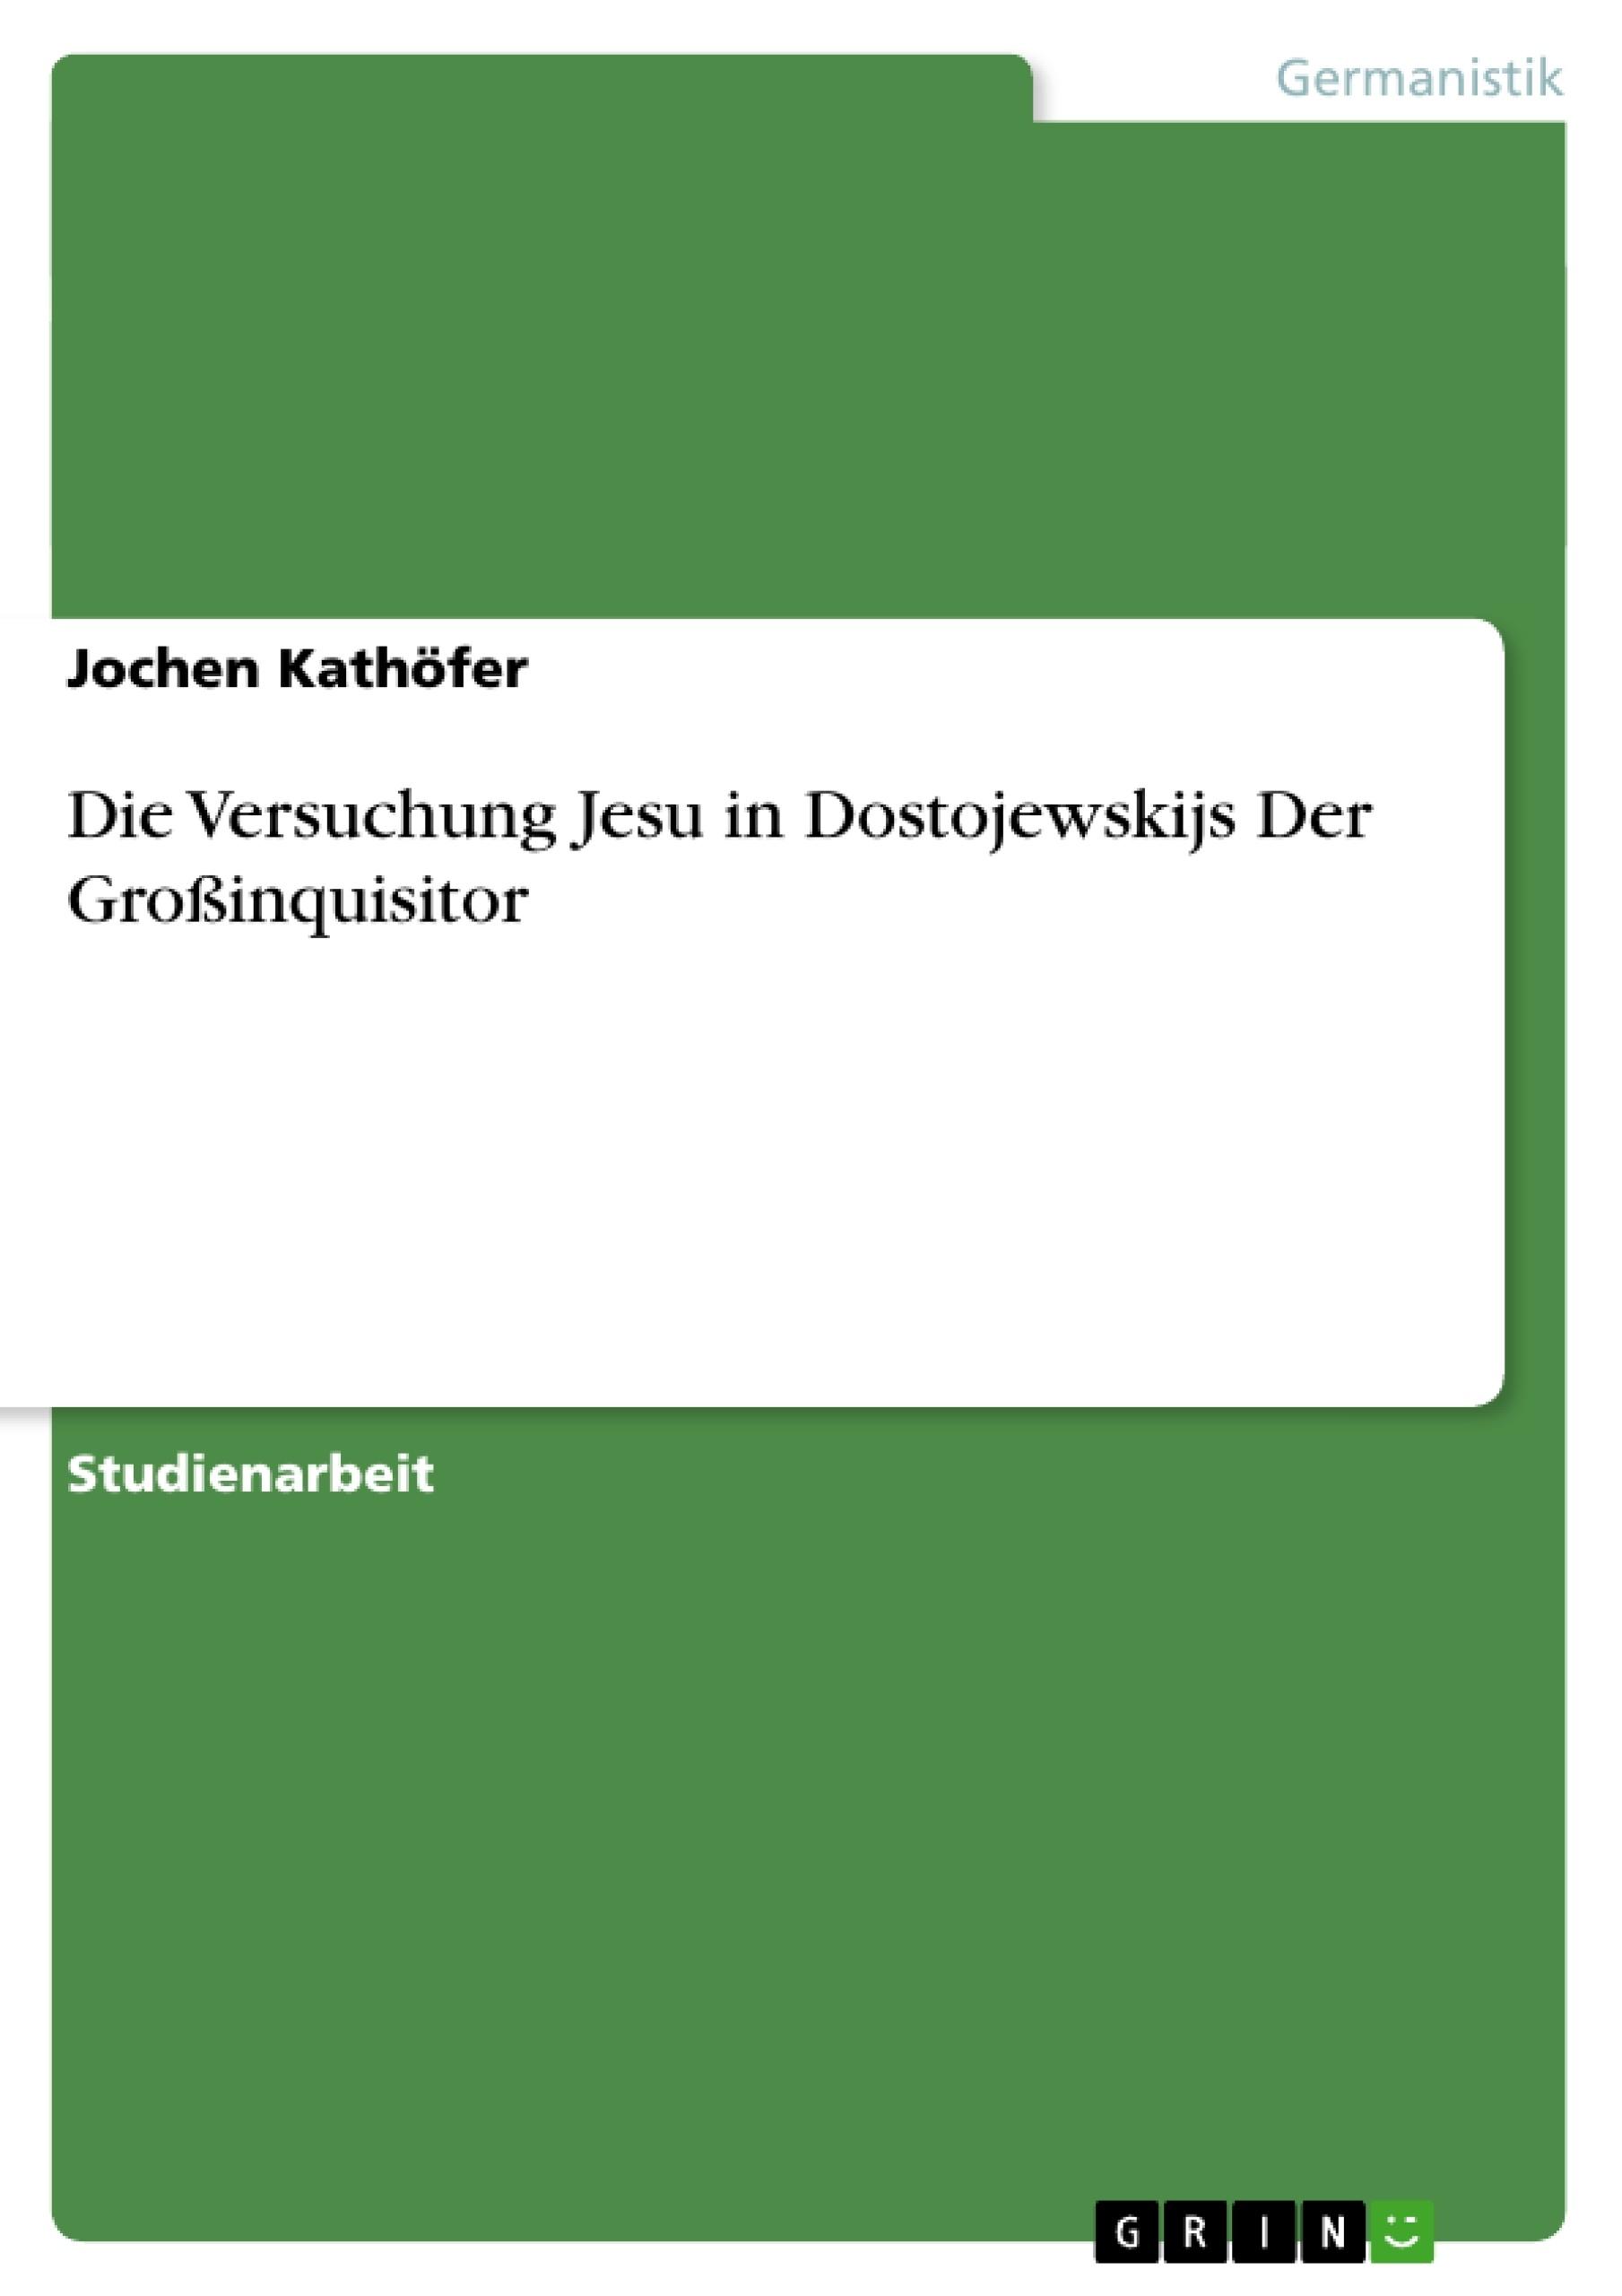 Titel: Die Versuchung Jesu in Dostojewskijs Der Großinquisitor